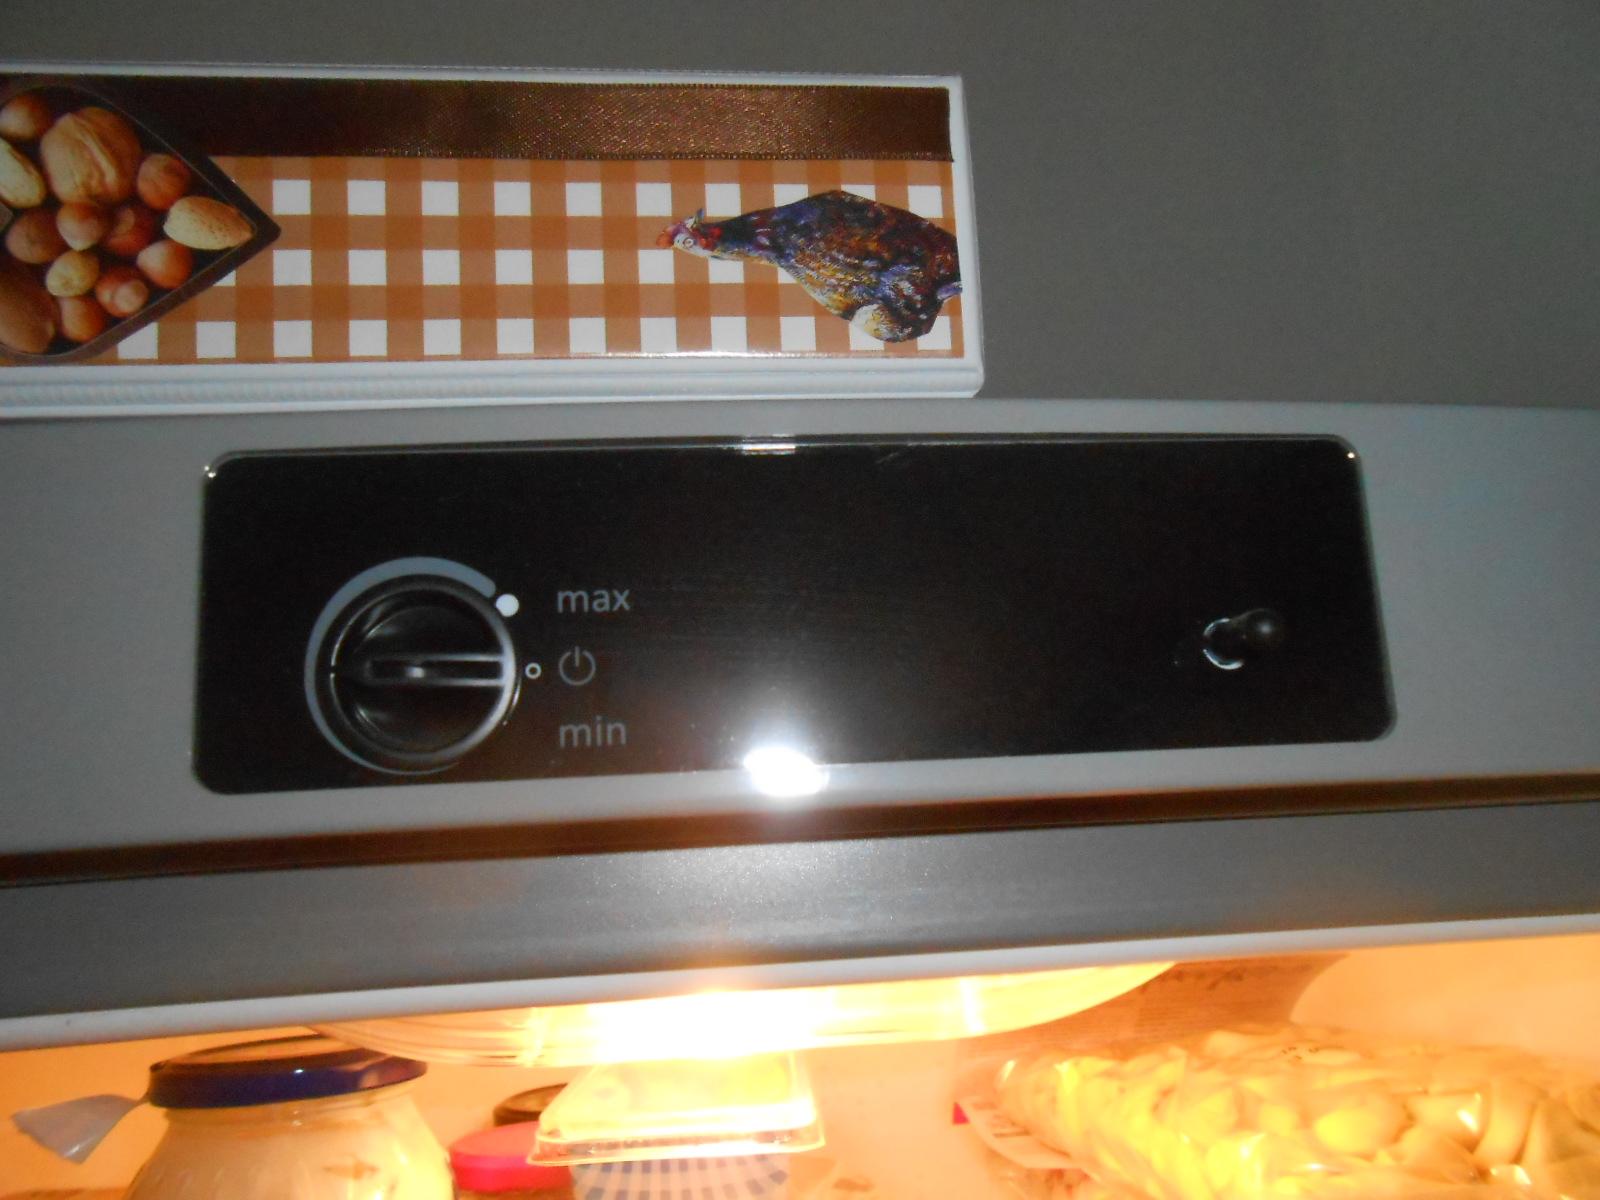 gorenje k hlschrank minmax temperatur regler. Black Bedroom Furniture Sets. Home Design Ideas